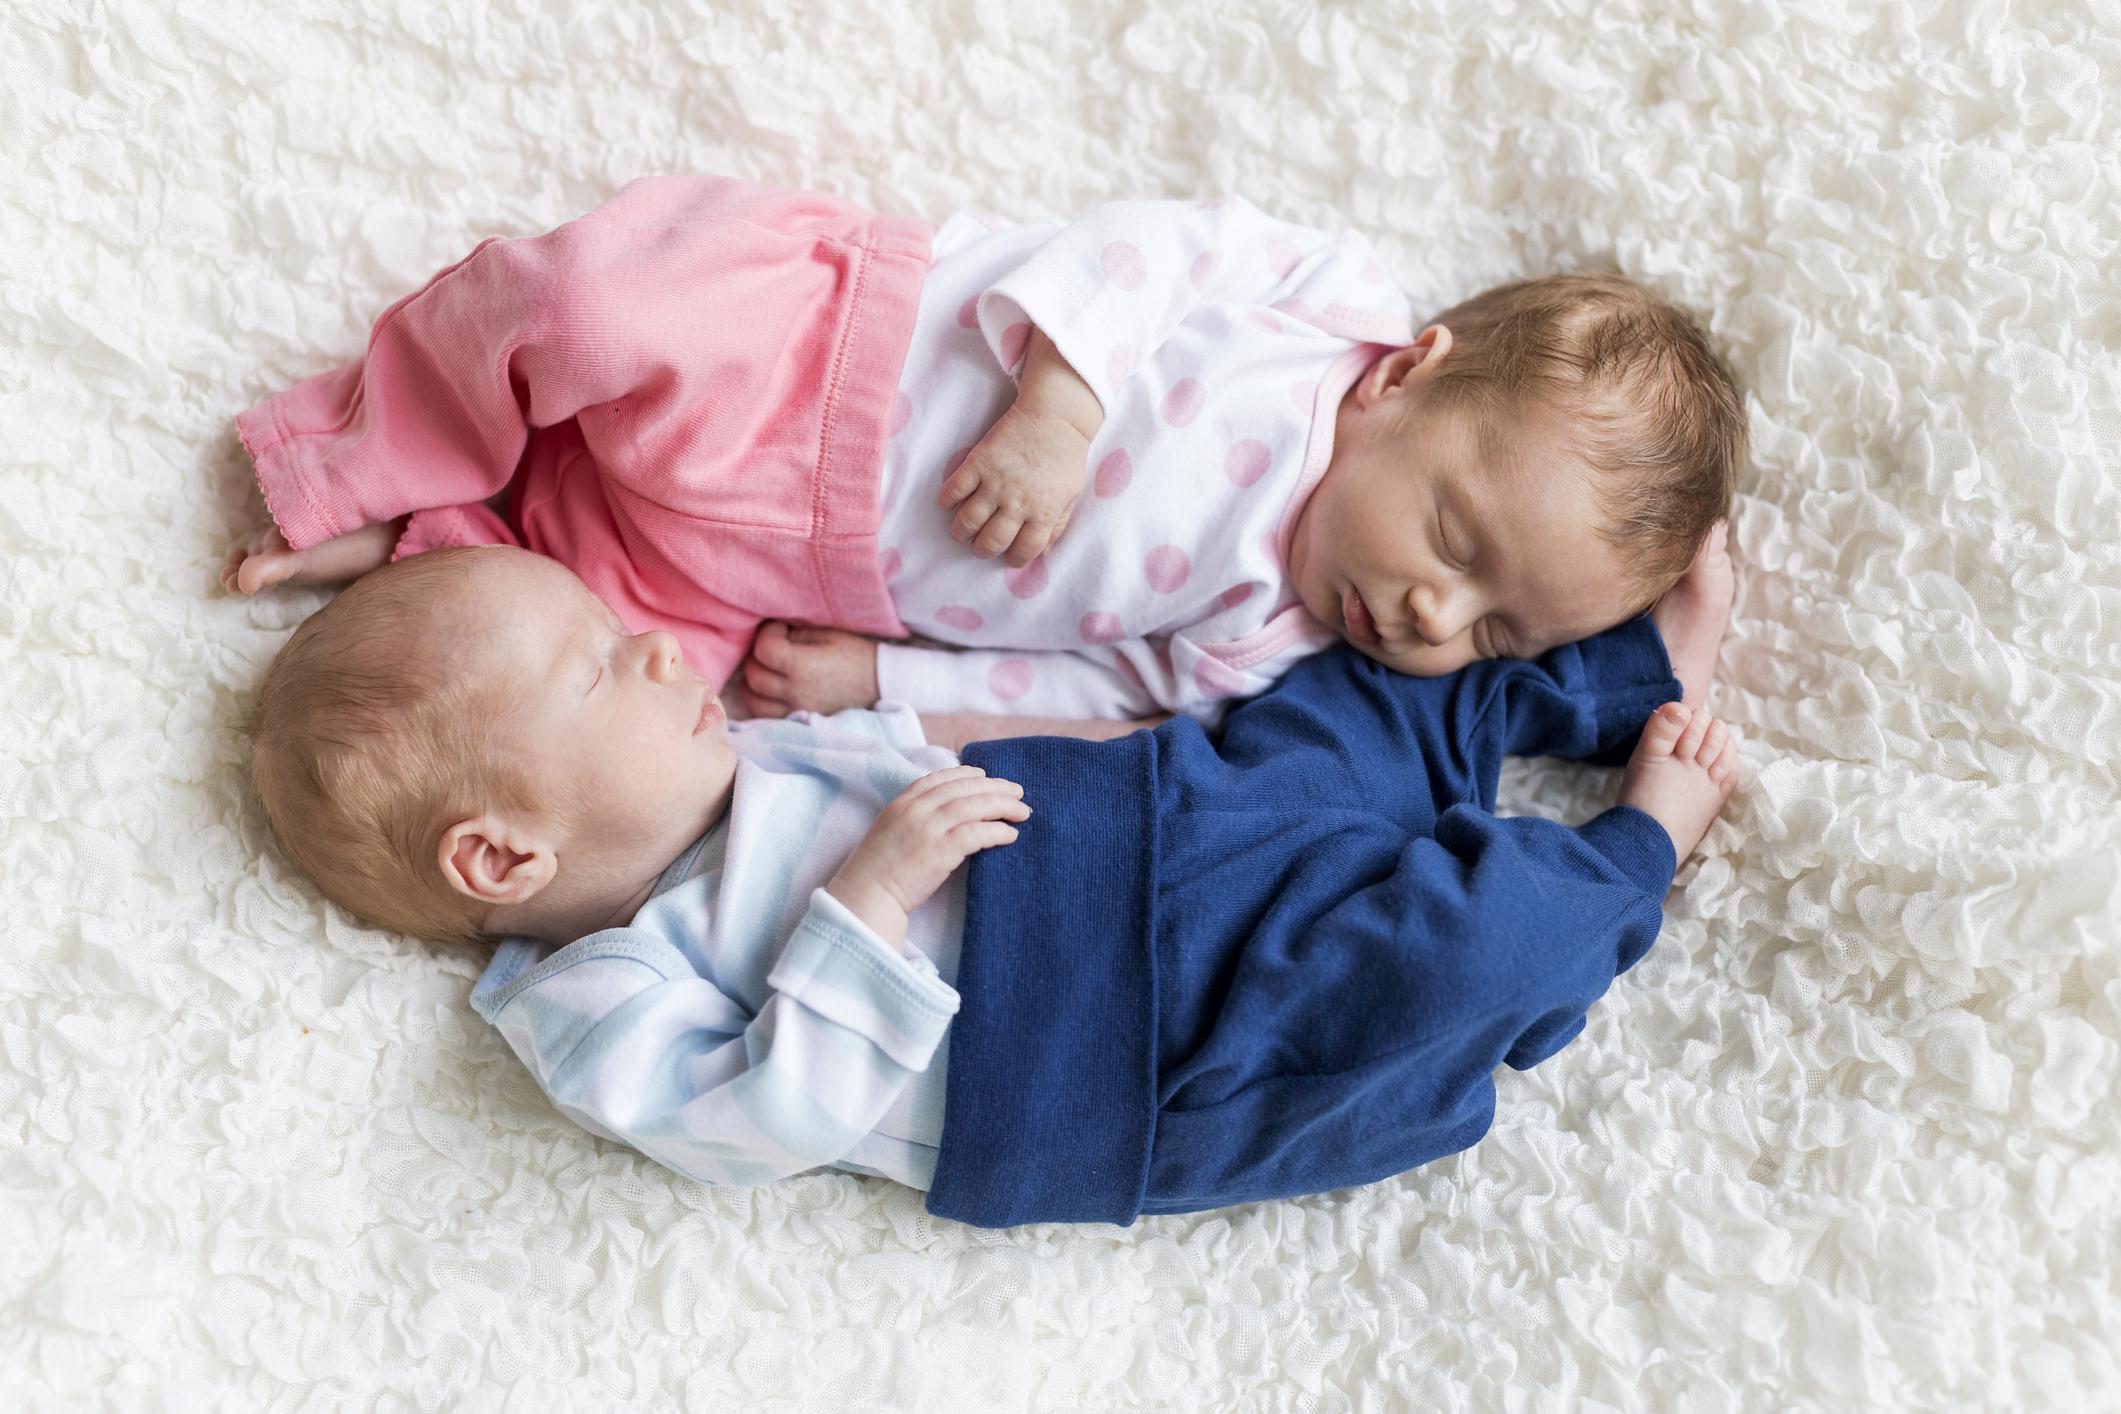 Когда можно узнать пол ребенка на УЗИ а также особенности и возможные ошибки данного метода определения пола малыша во время беременности